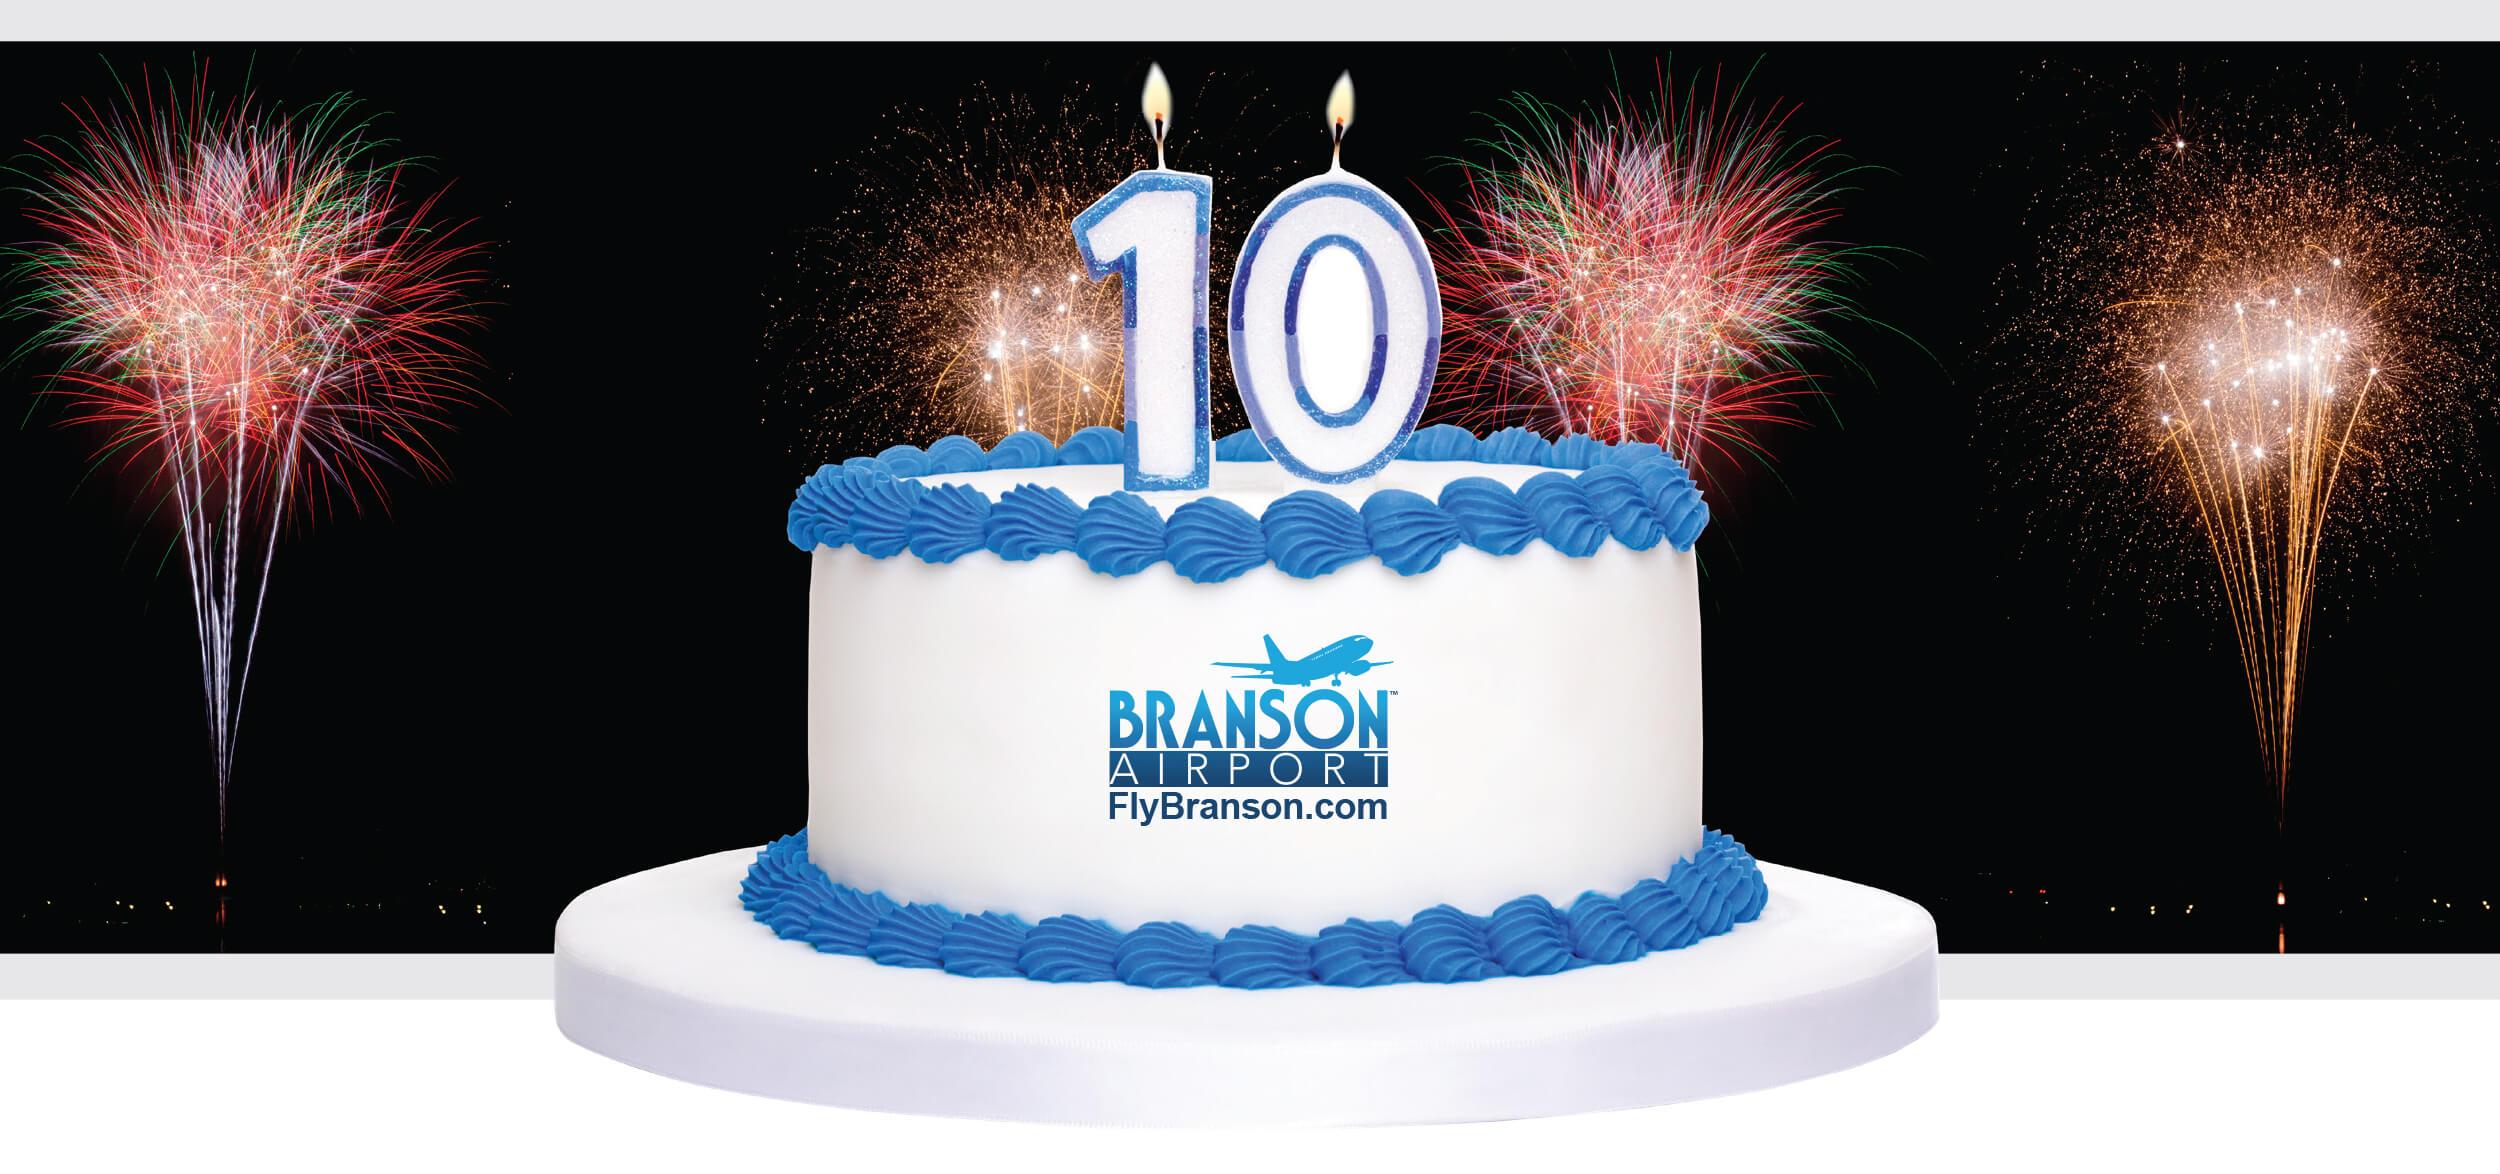 Branson Airport 10 years